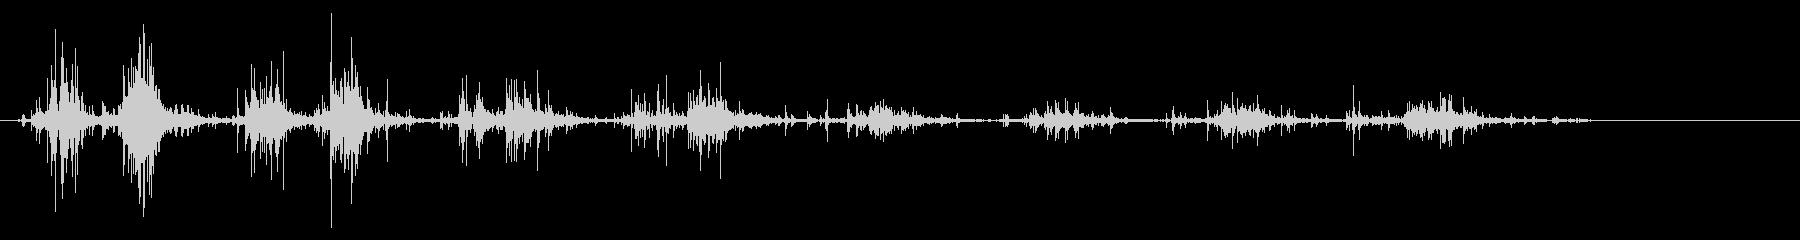 タブレッド菓子出す音・振る音20の未再生の波形